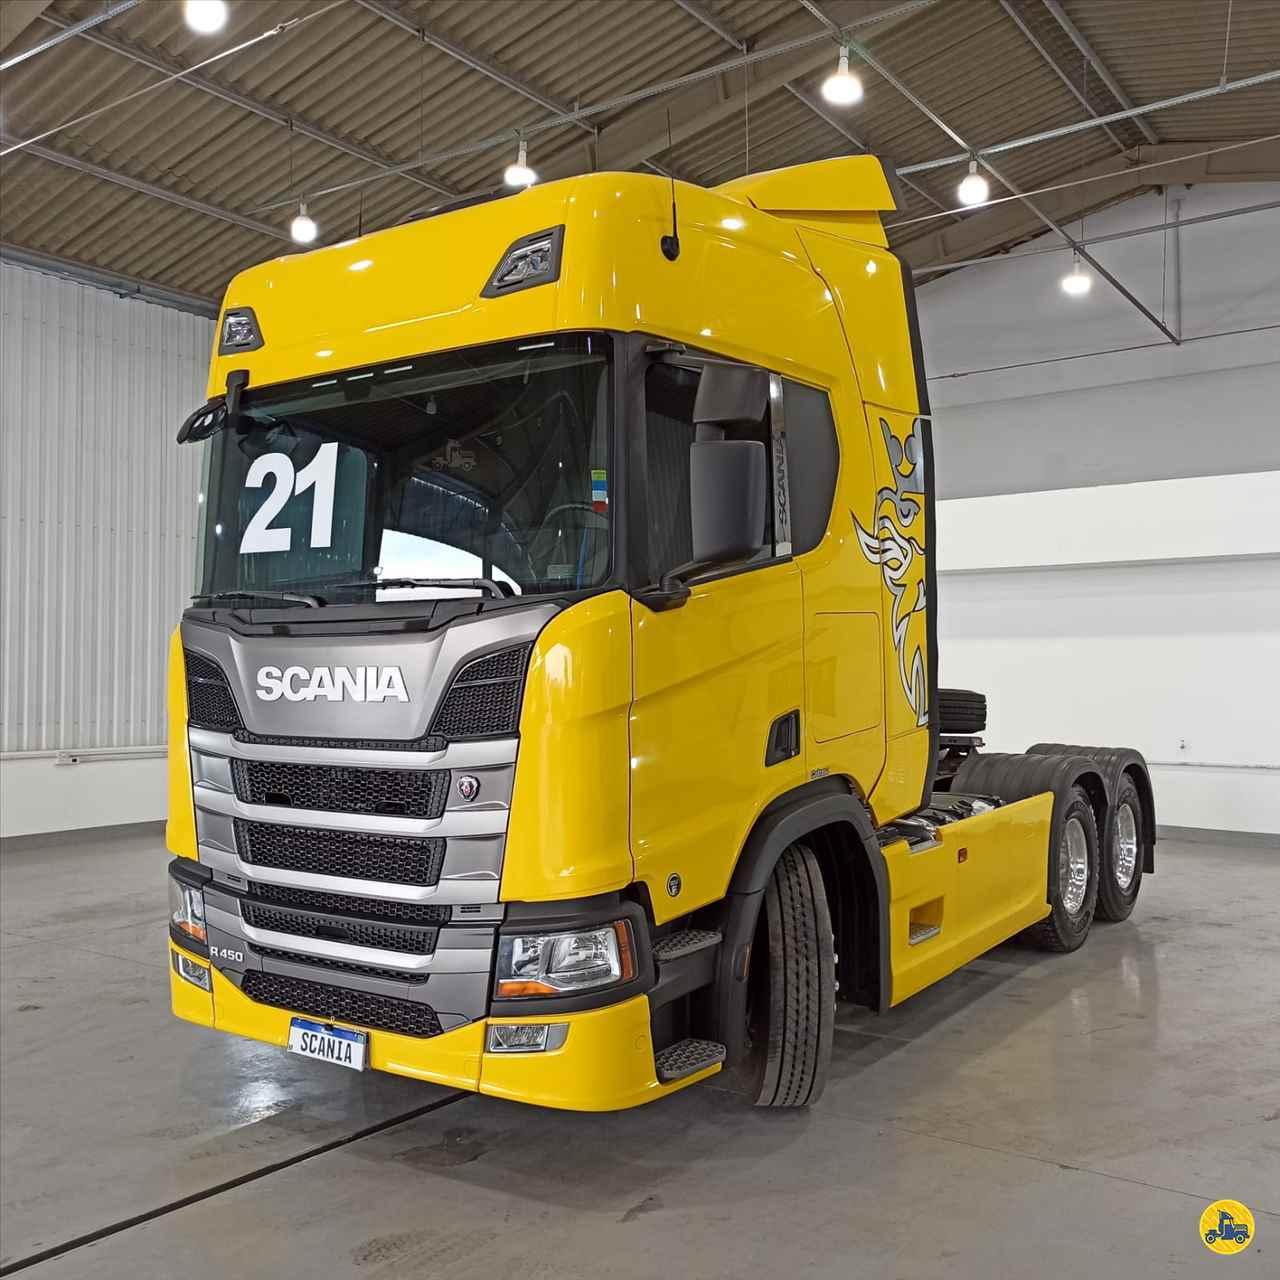 CAMINHAO SCANIA SCANIA 450 Cavalo Mecânico Truck 6x2 Scania Seminovos SAO JOSE DOS PINHAIS PARANÁ PR